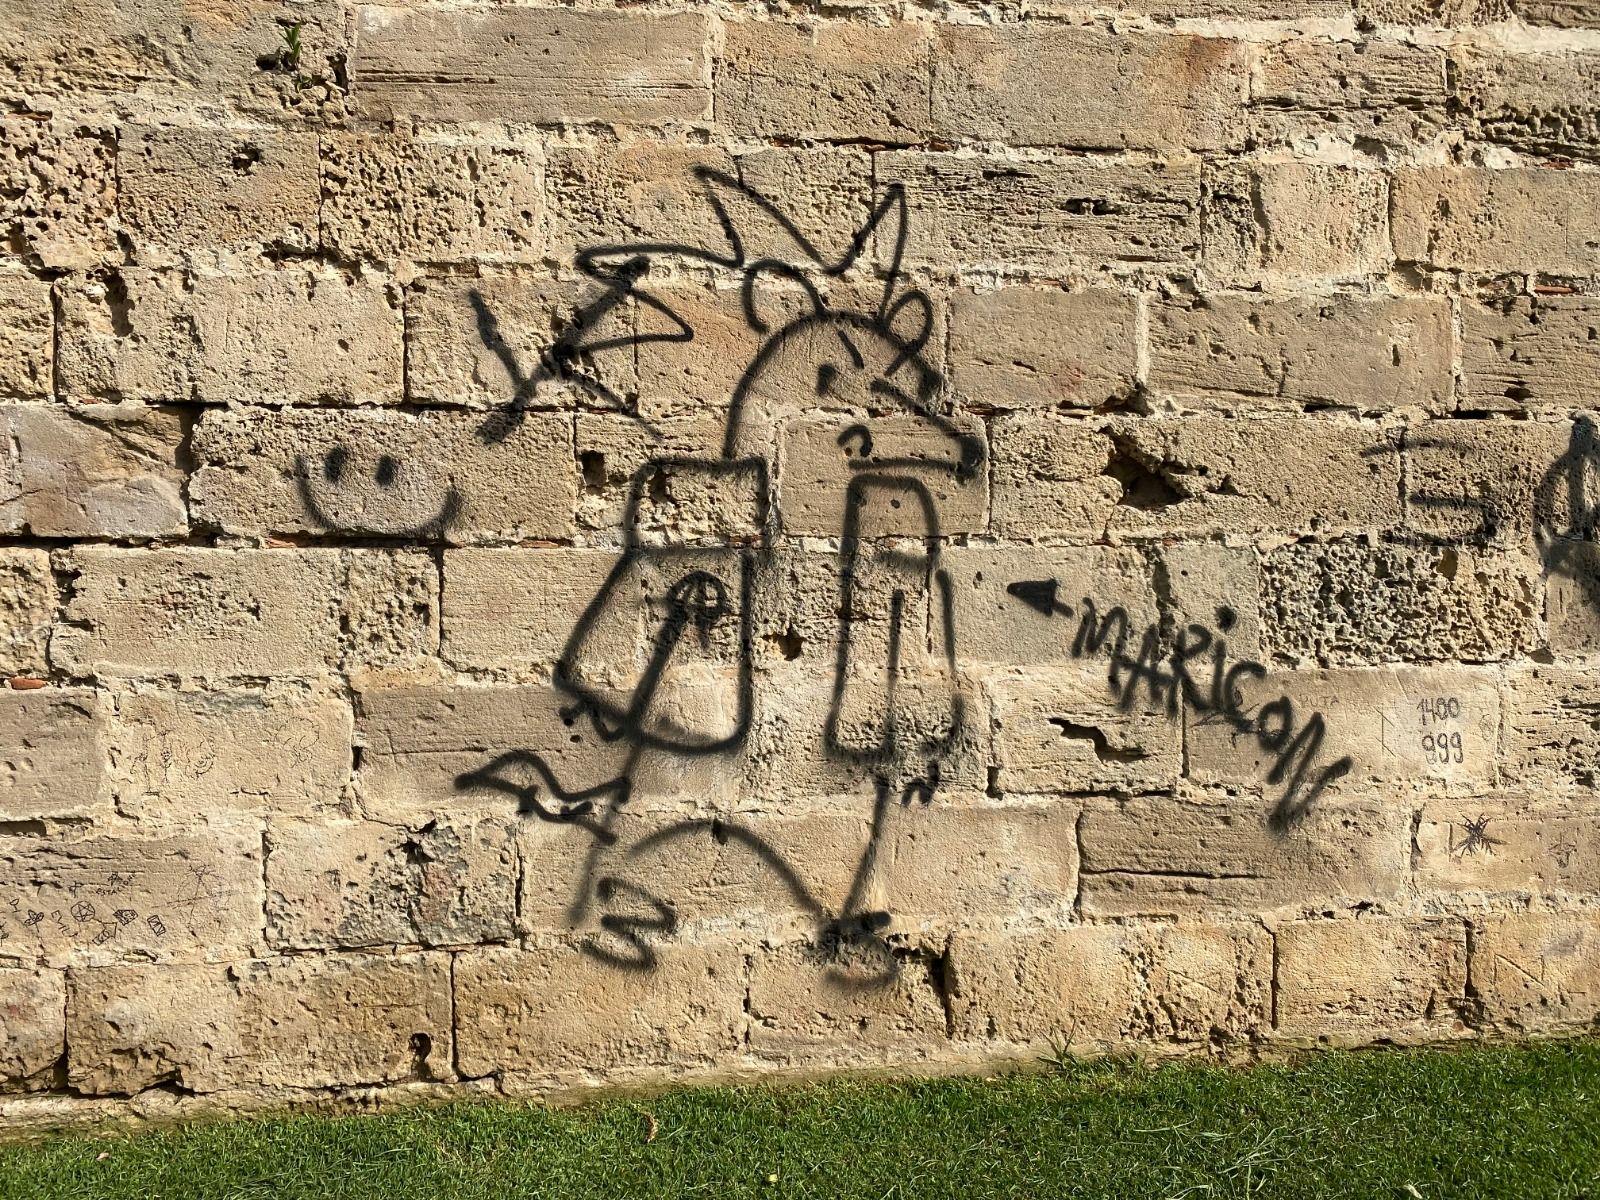 Atribuyen daños al patrimonio a dos menores por un grafiti en Parc de la Mar